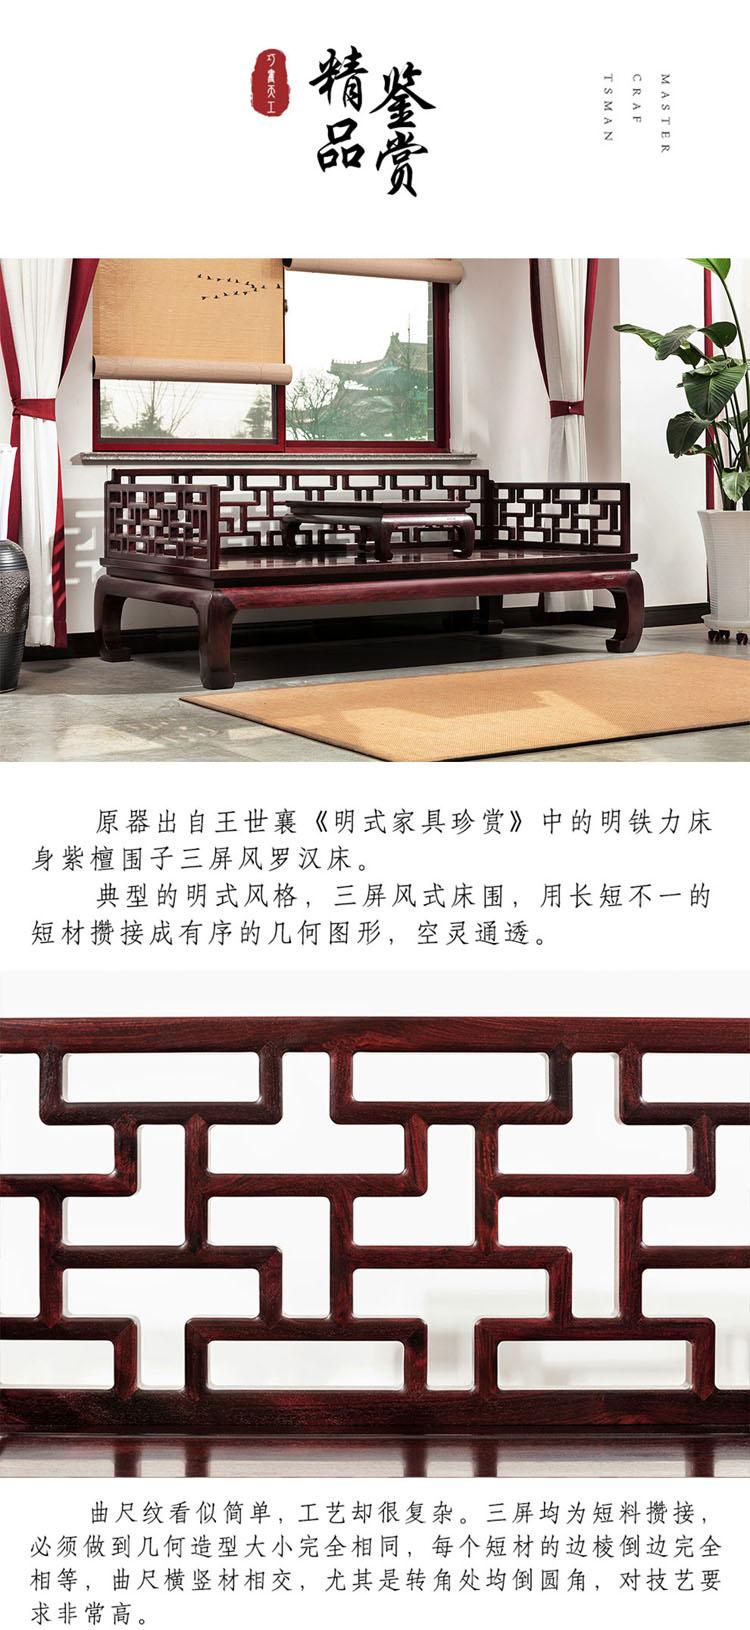 巧夺天工 曲尺罗汉床.jpg